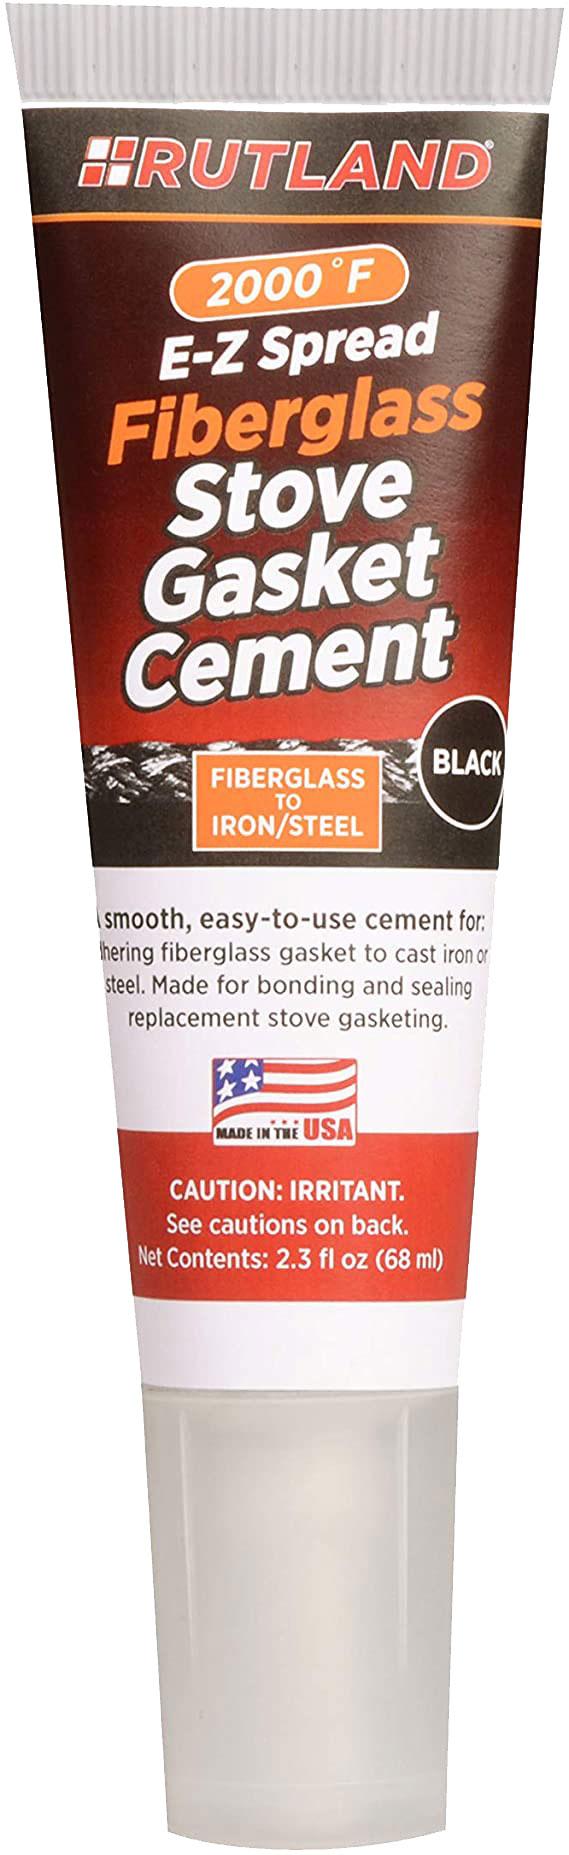 薪ストーブを補修する時に使用します 実物 高い素材 薪ストーブ用 ガスケットセメント